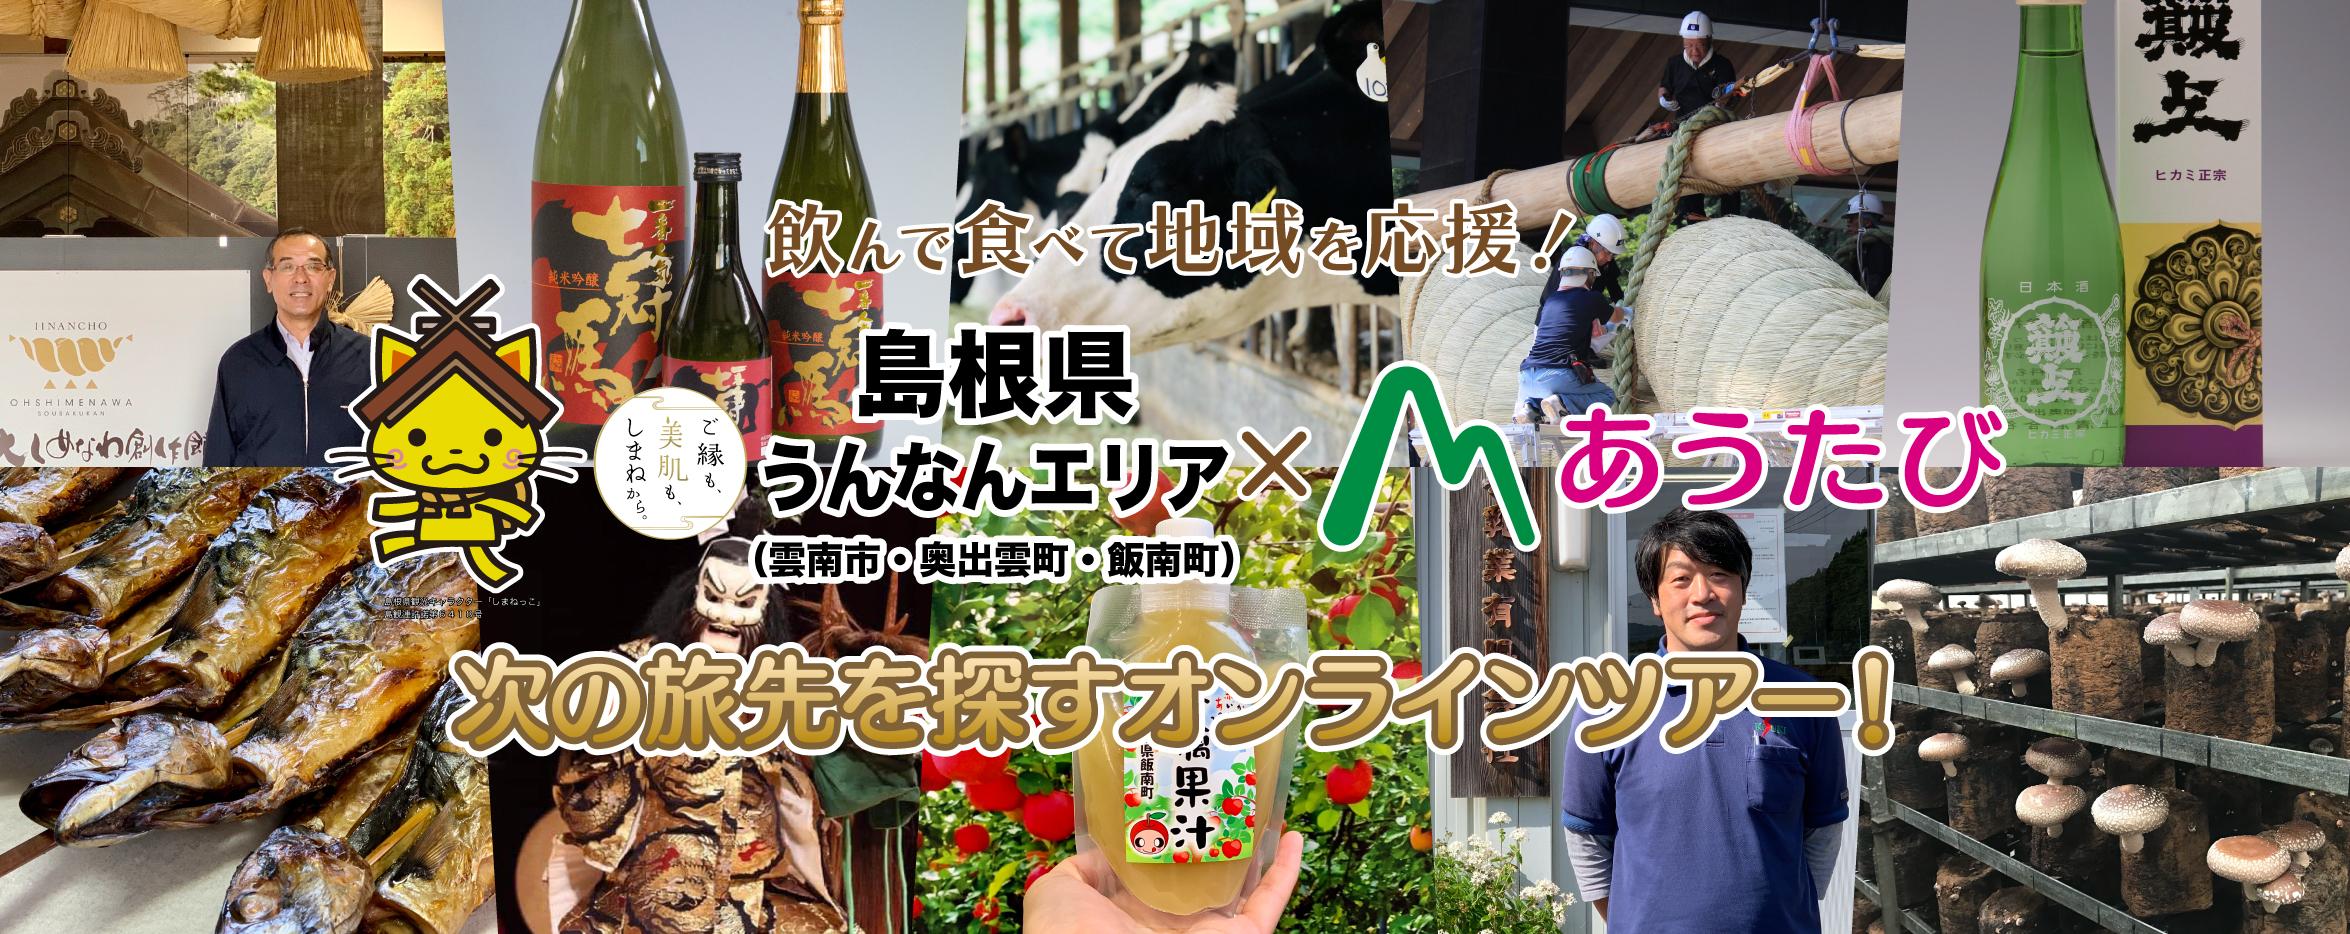 autabi_unnankankou_tour_main_img01_201029